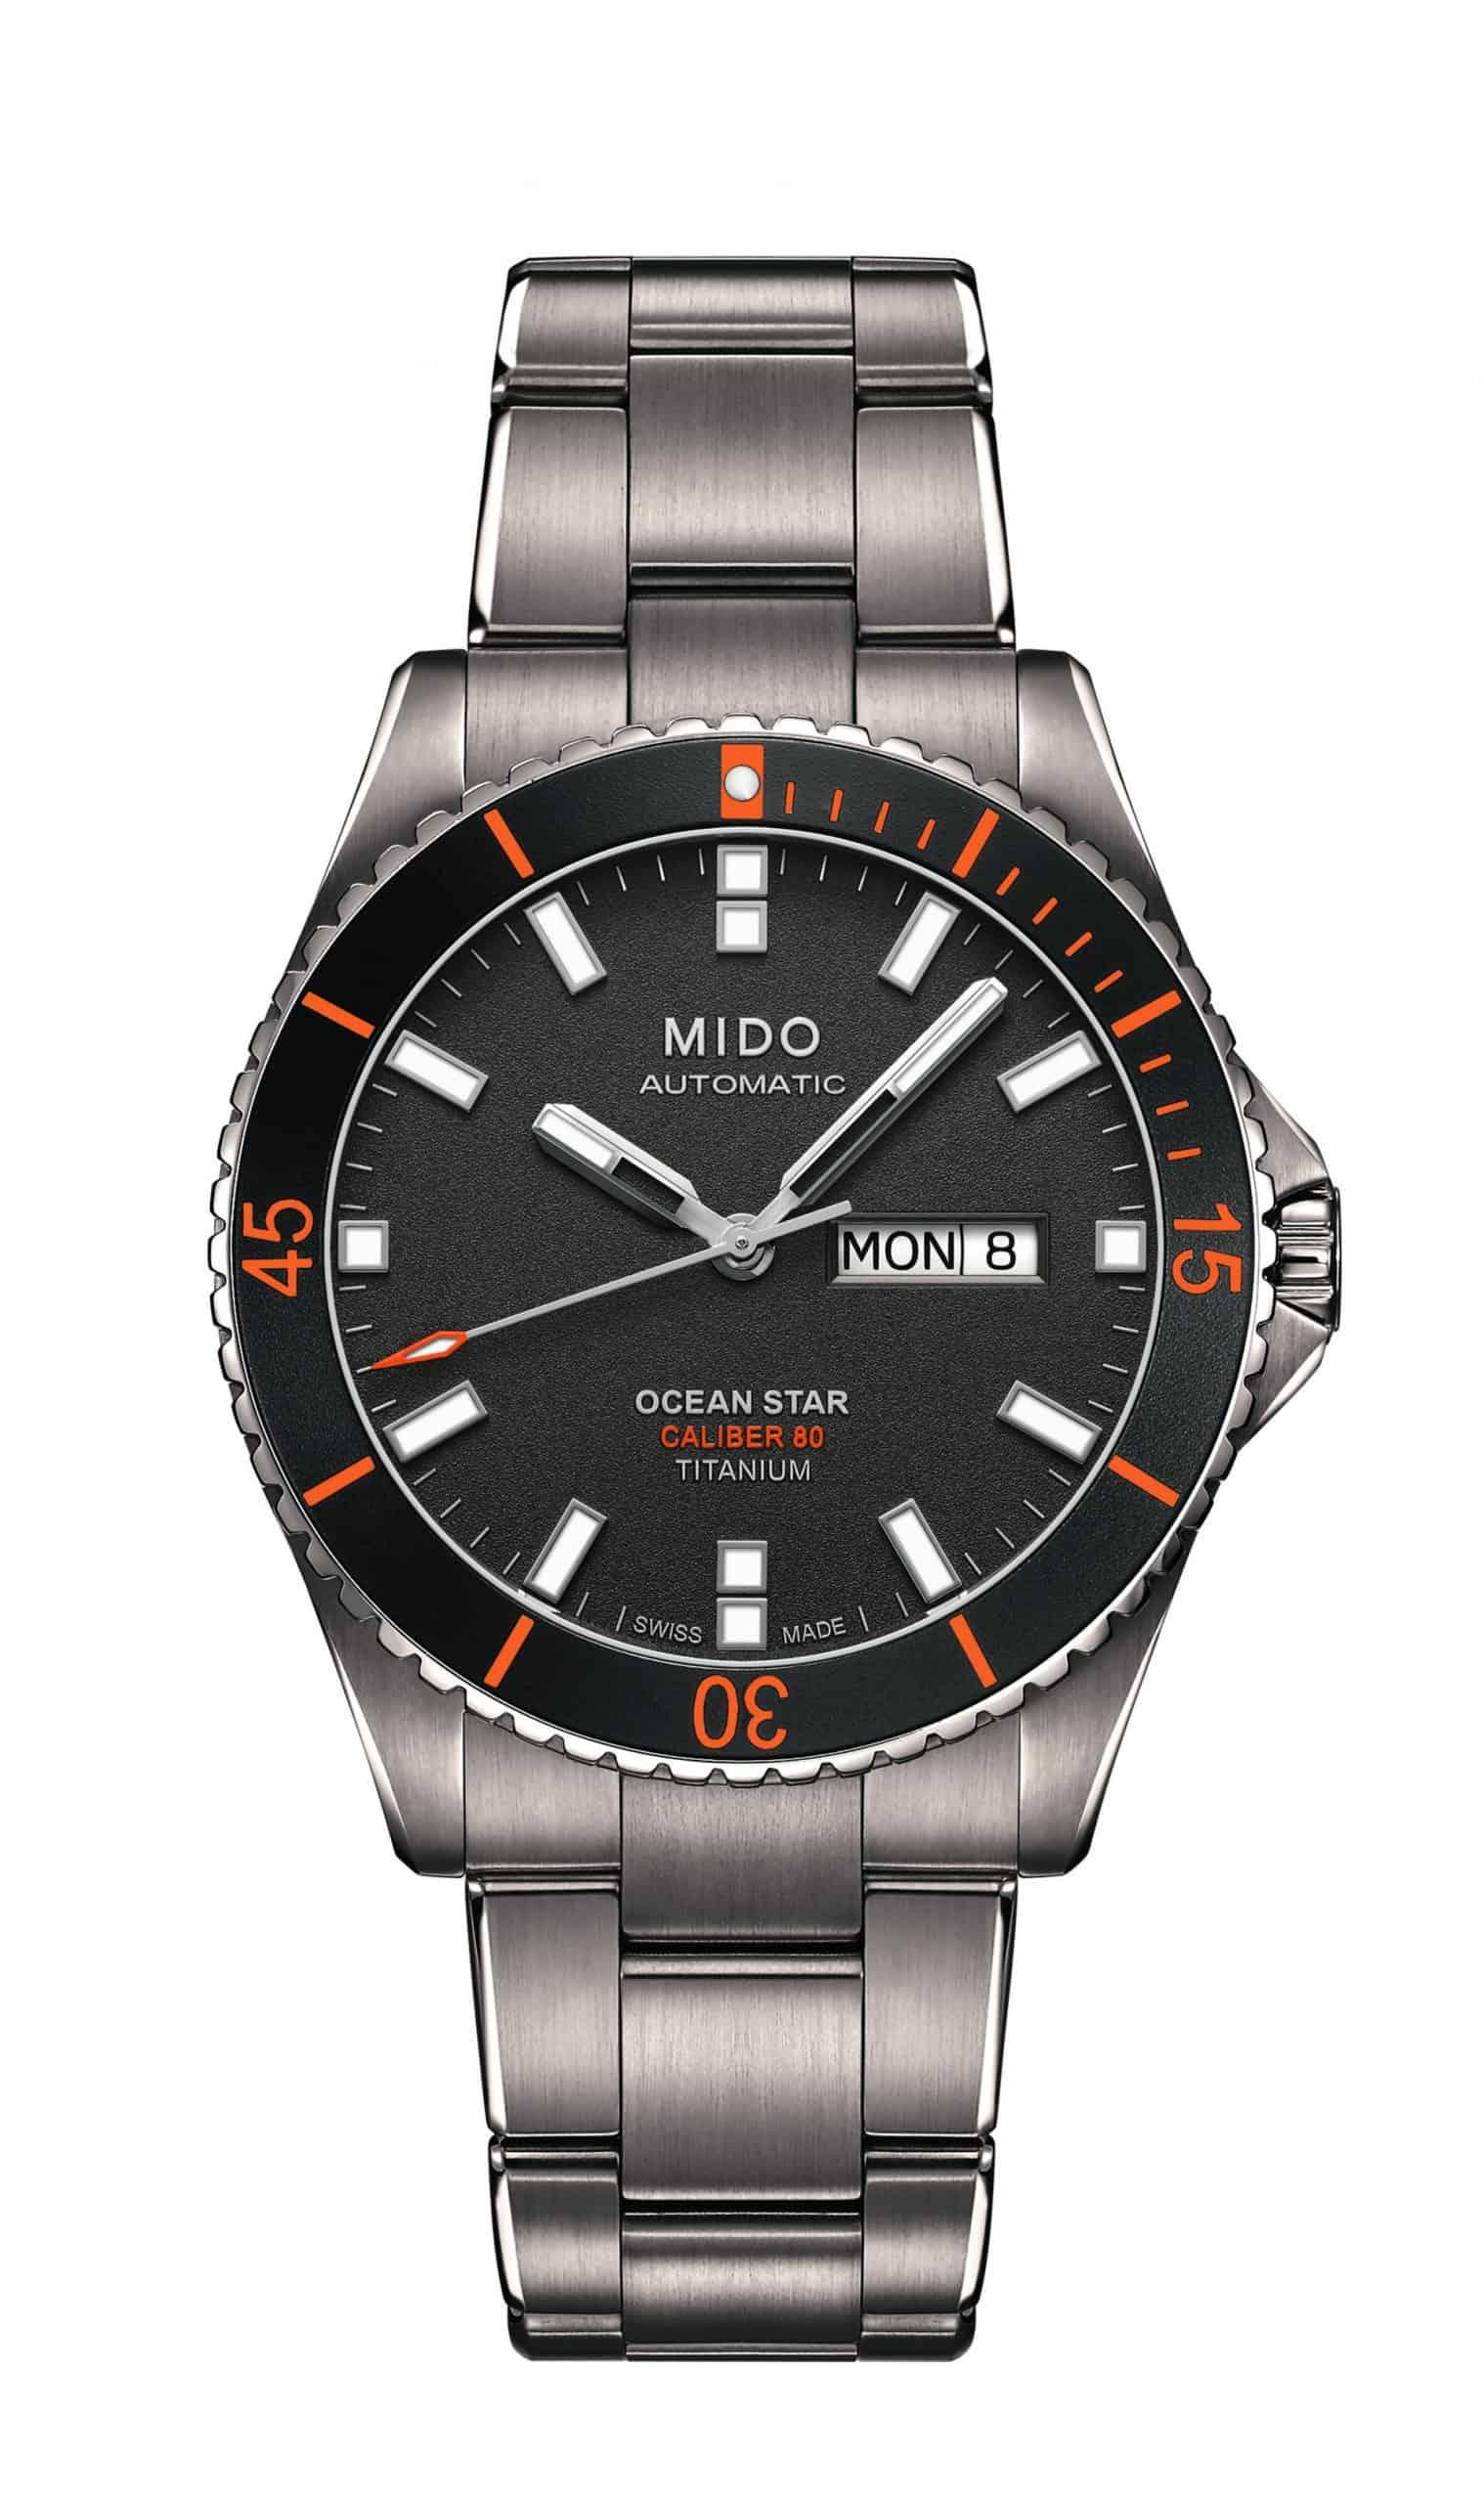 1. Press Releases 2016 4. Ocean Star Captain Titanium M026.430.44.061.00 scaled